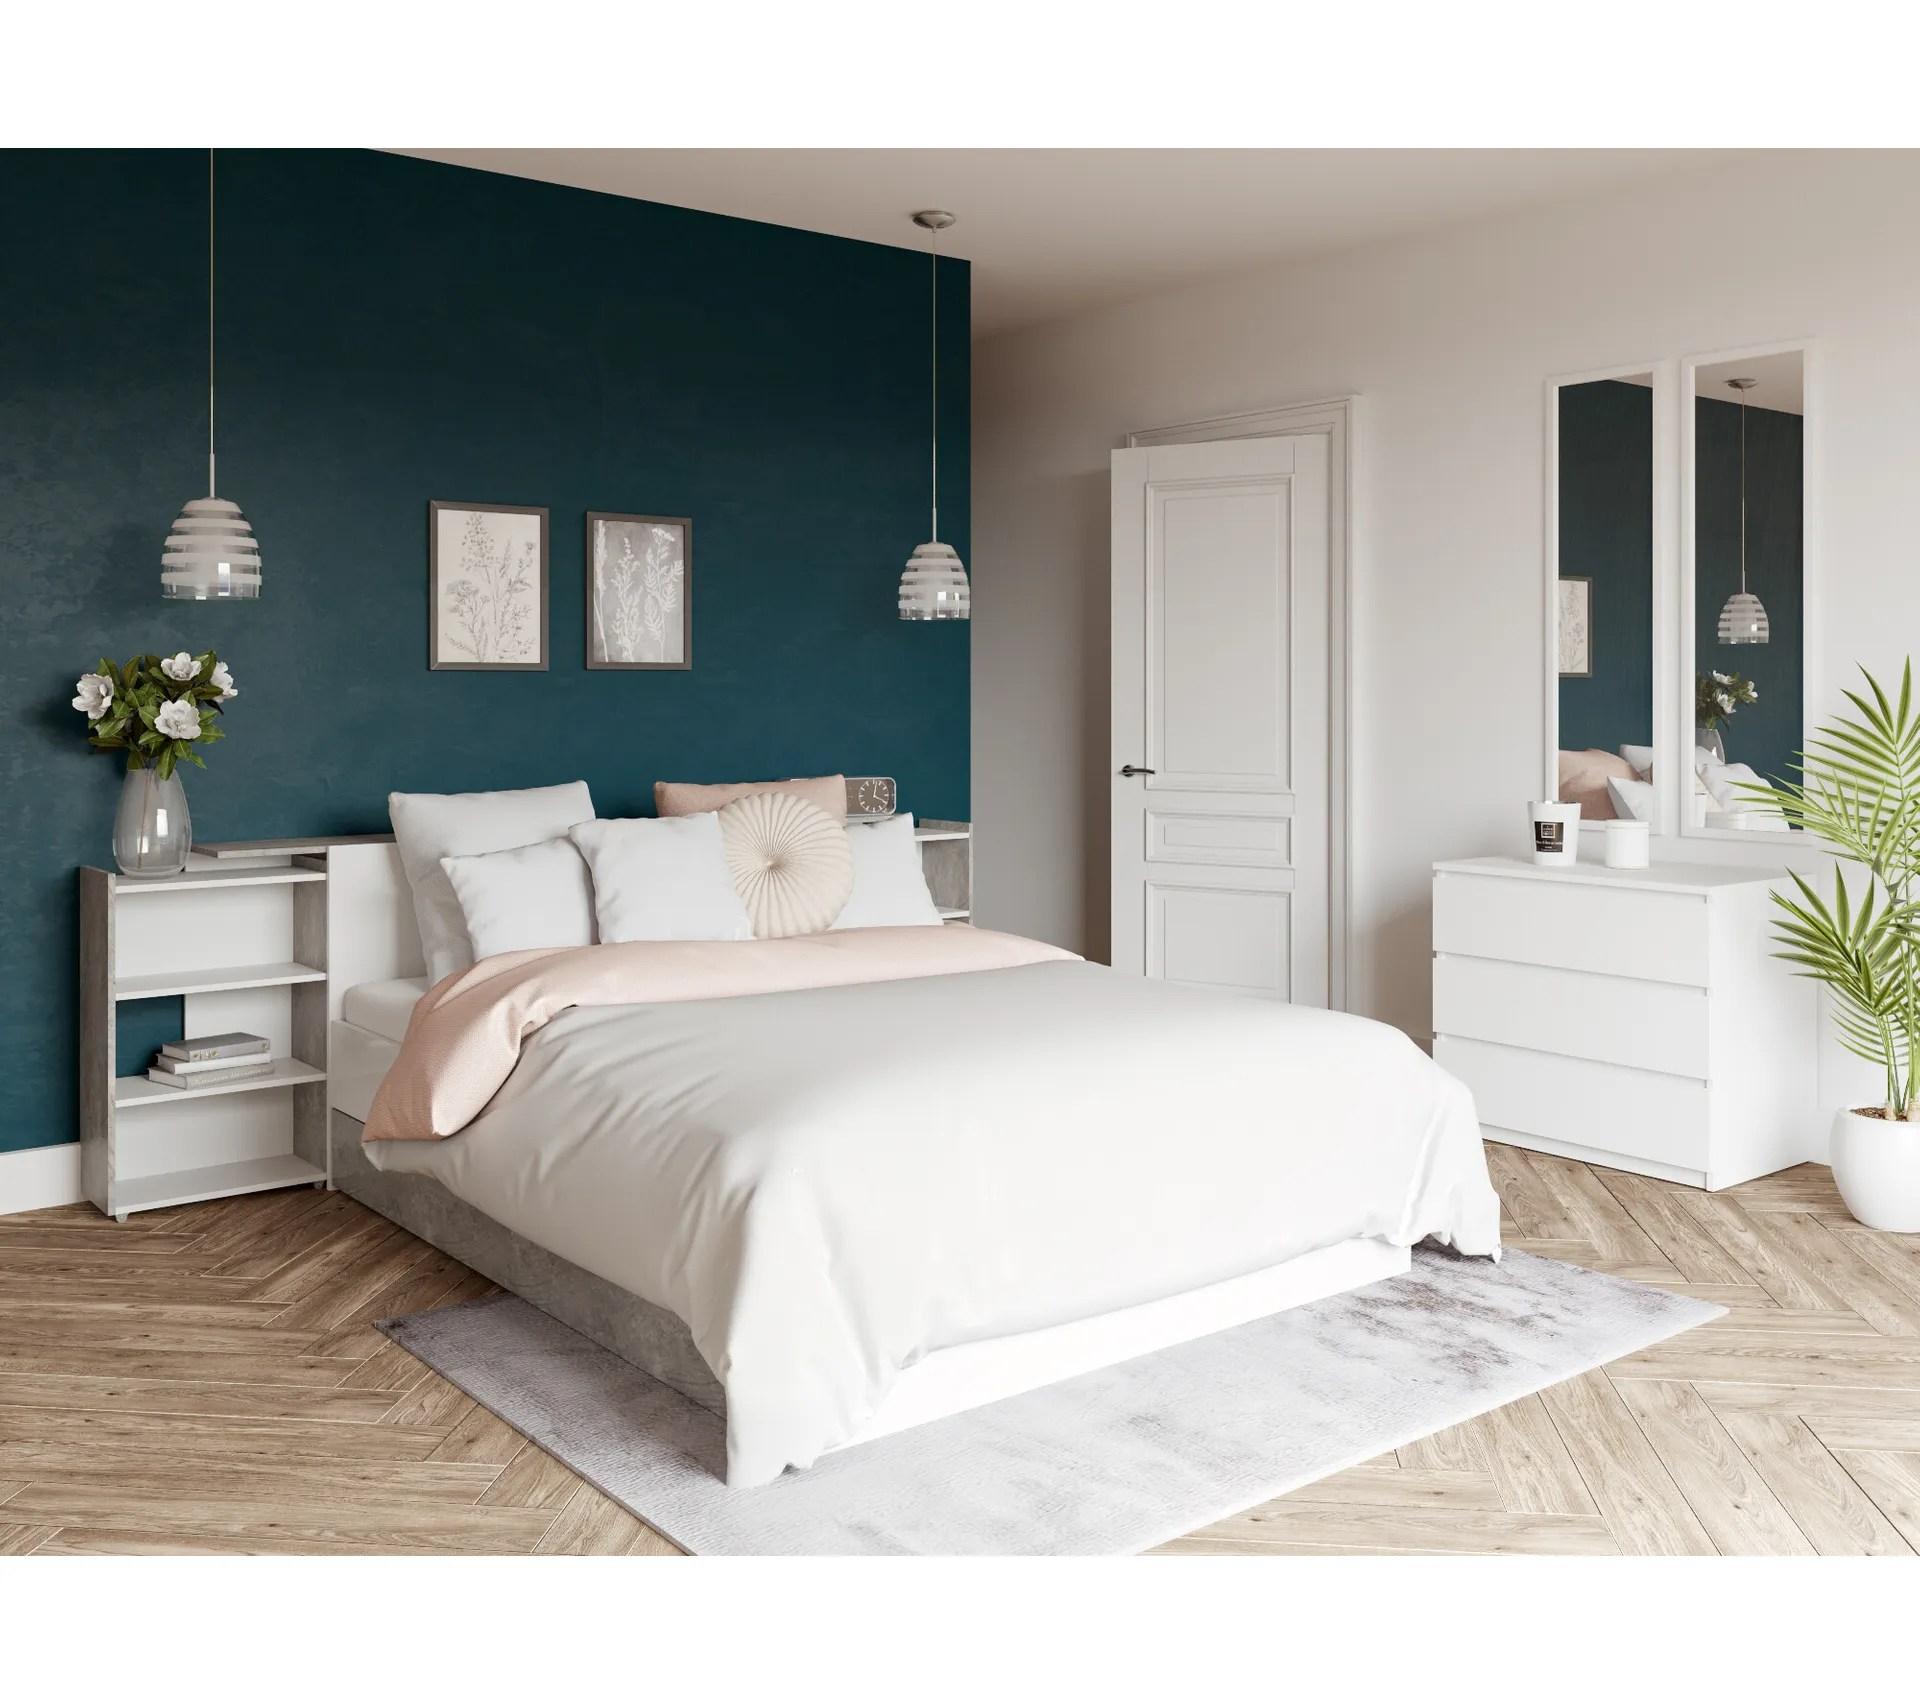 tete de lit 140 cm avec best lak rangement blanc laque beton